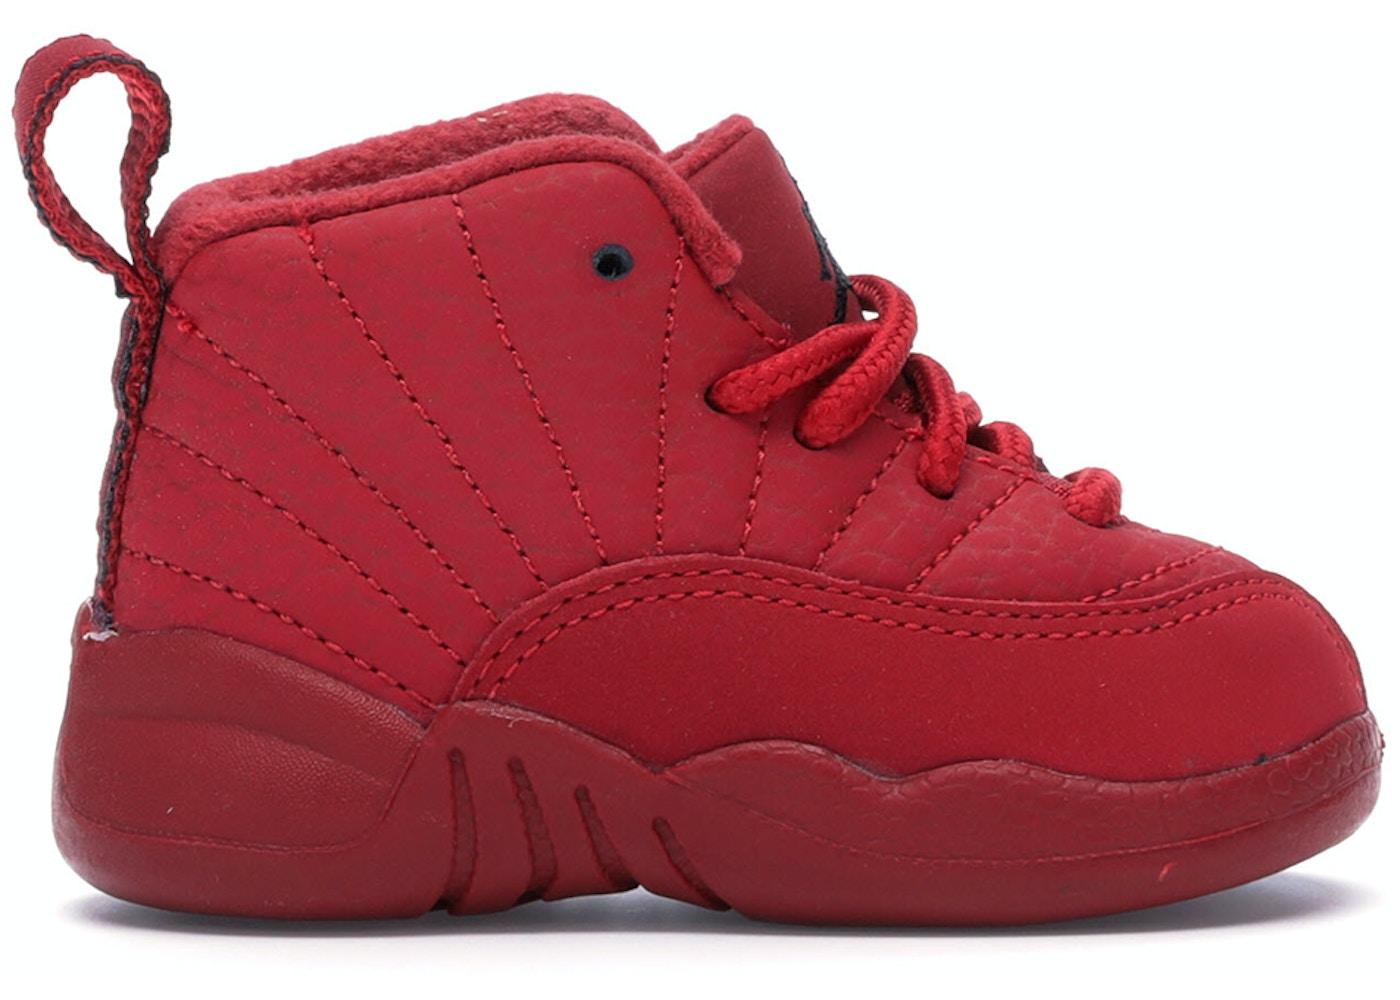 online store b02af dd65f Jordan 12 Retro Gym Red 2018 (TD) - 850000-601